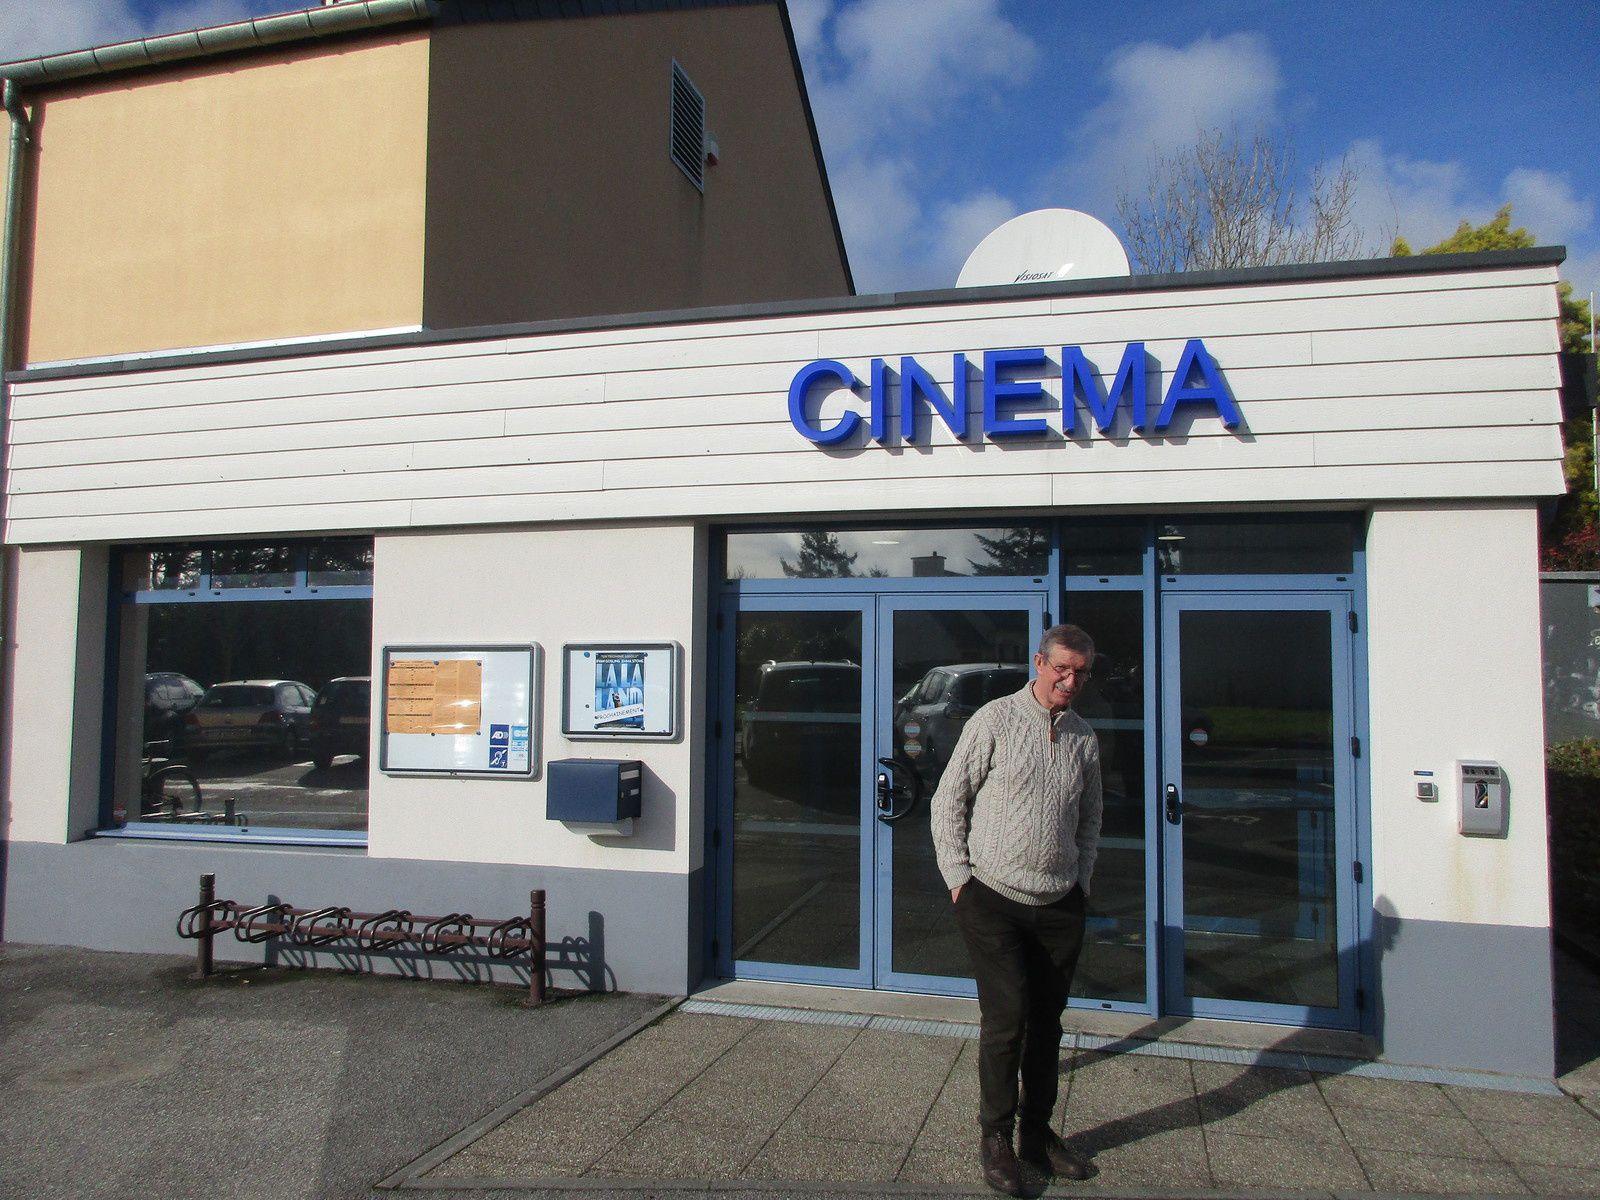 L'entrée du cinéma, le hall et la caisse, puis les coulisses de projection des films